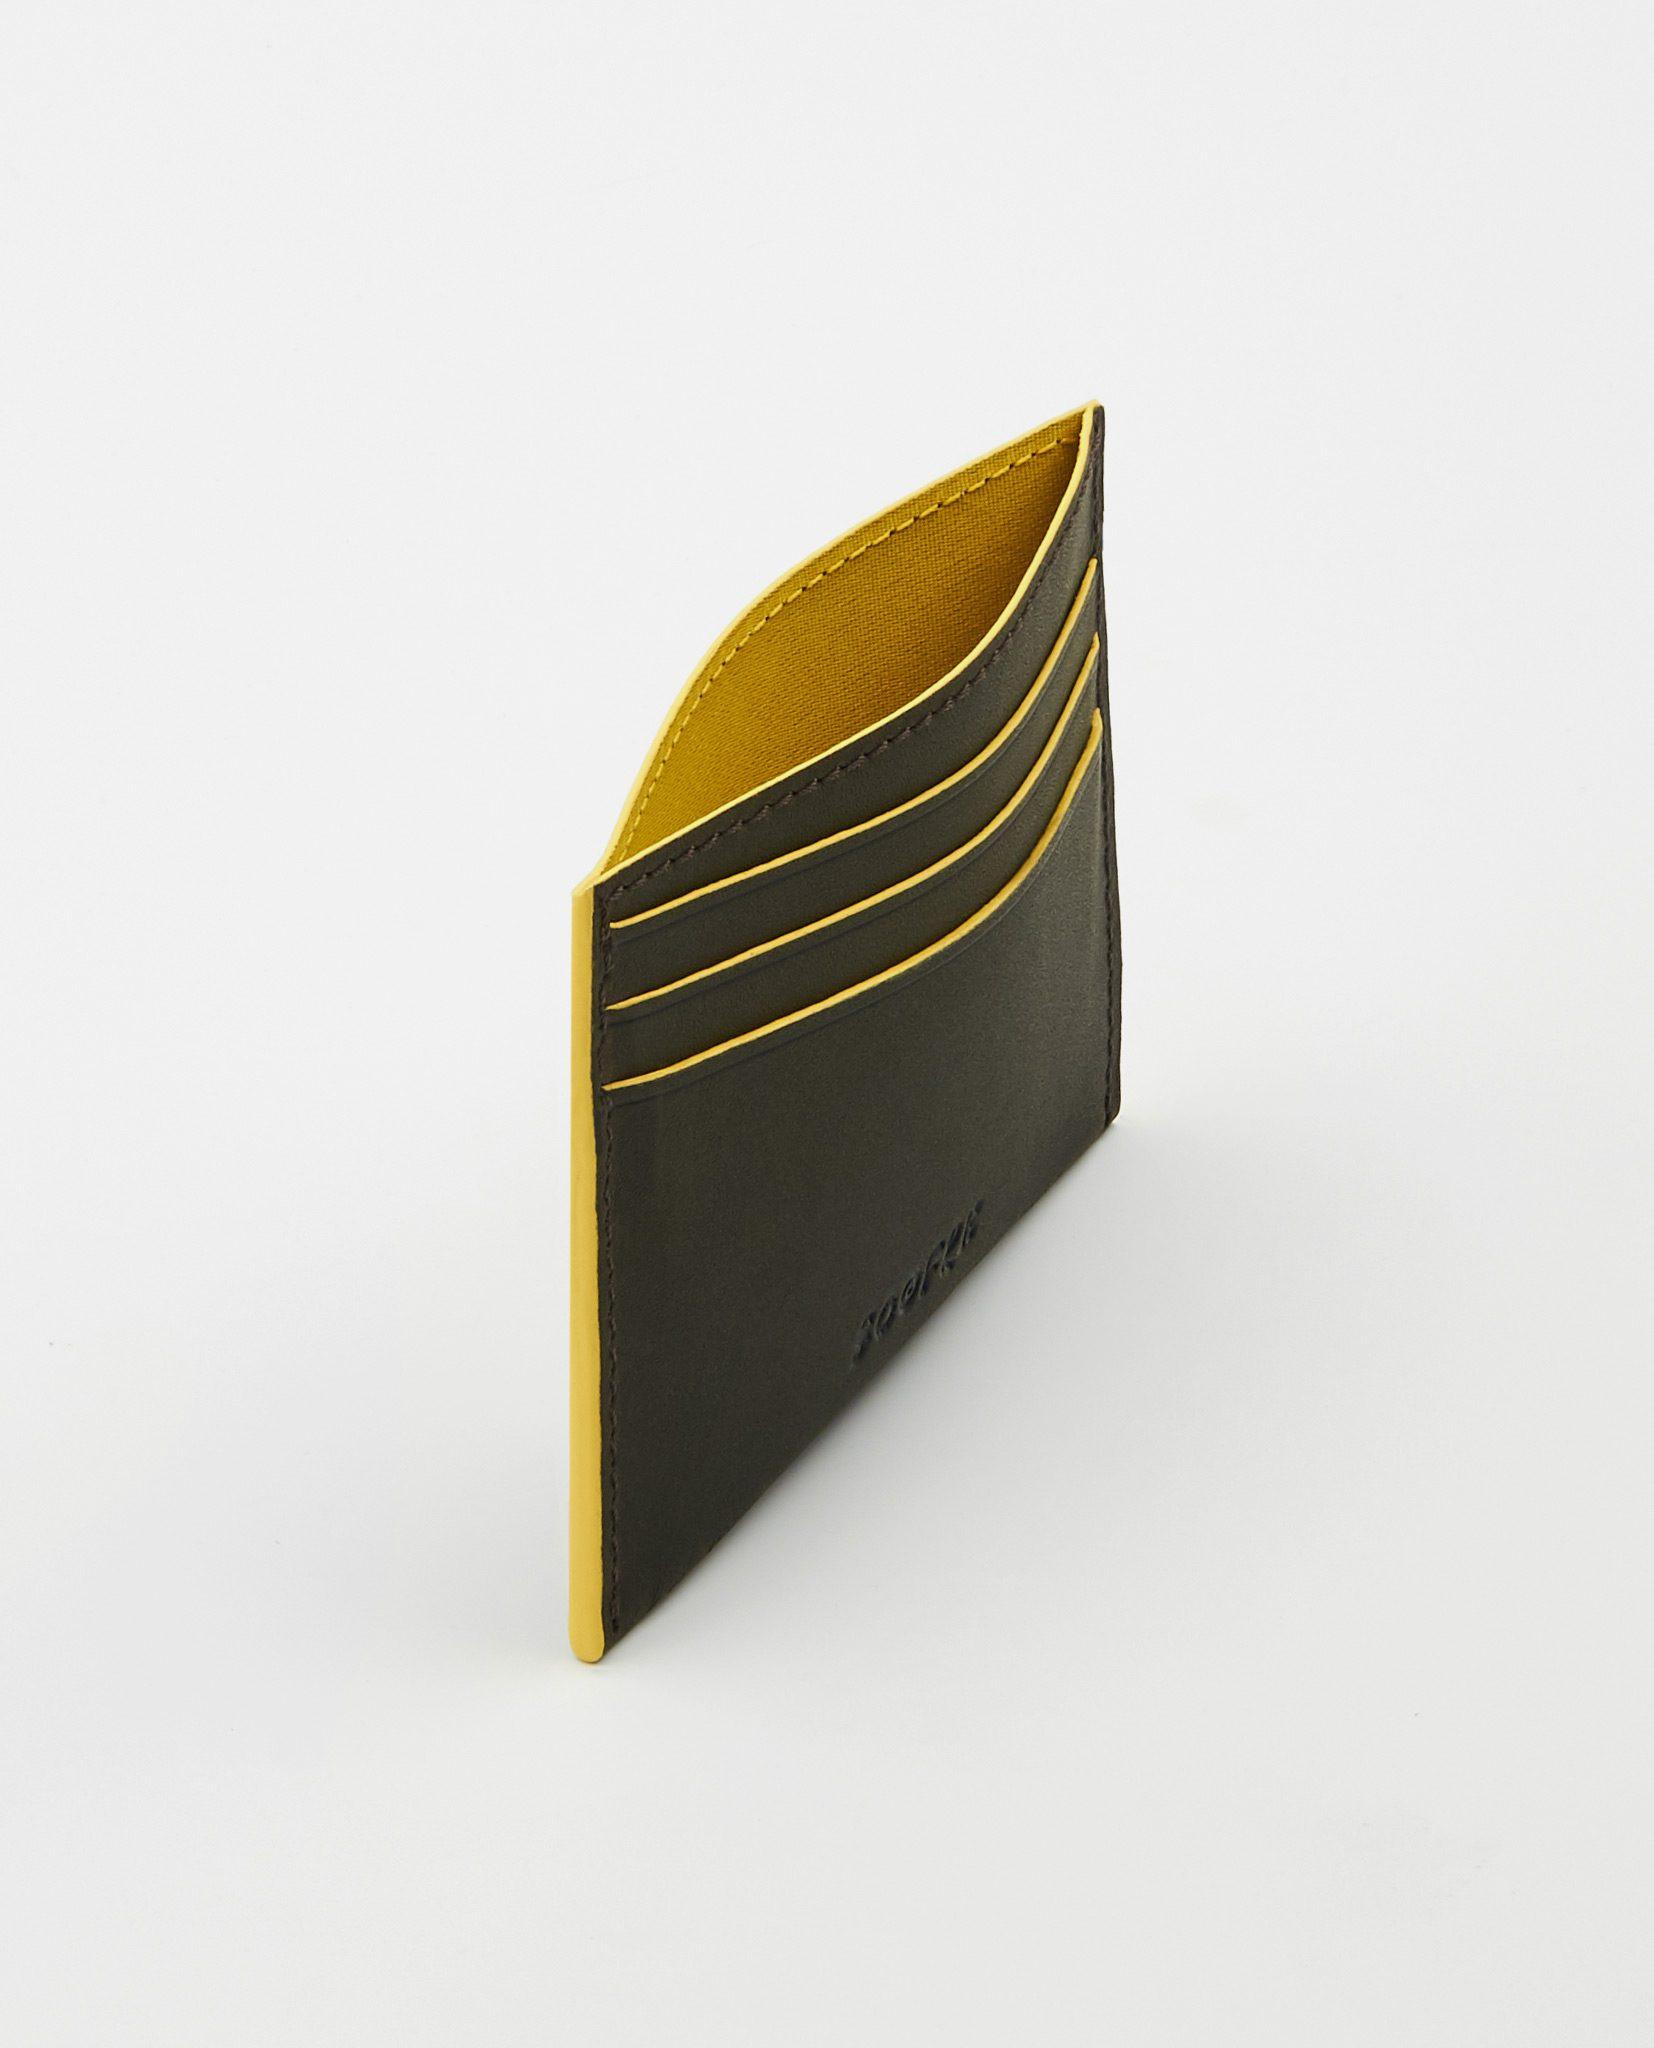 Soofre_Card-Holder_Dark-Brown-Yellow_2